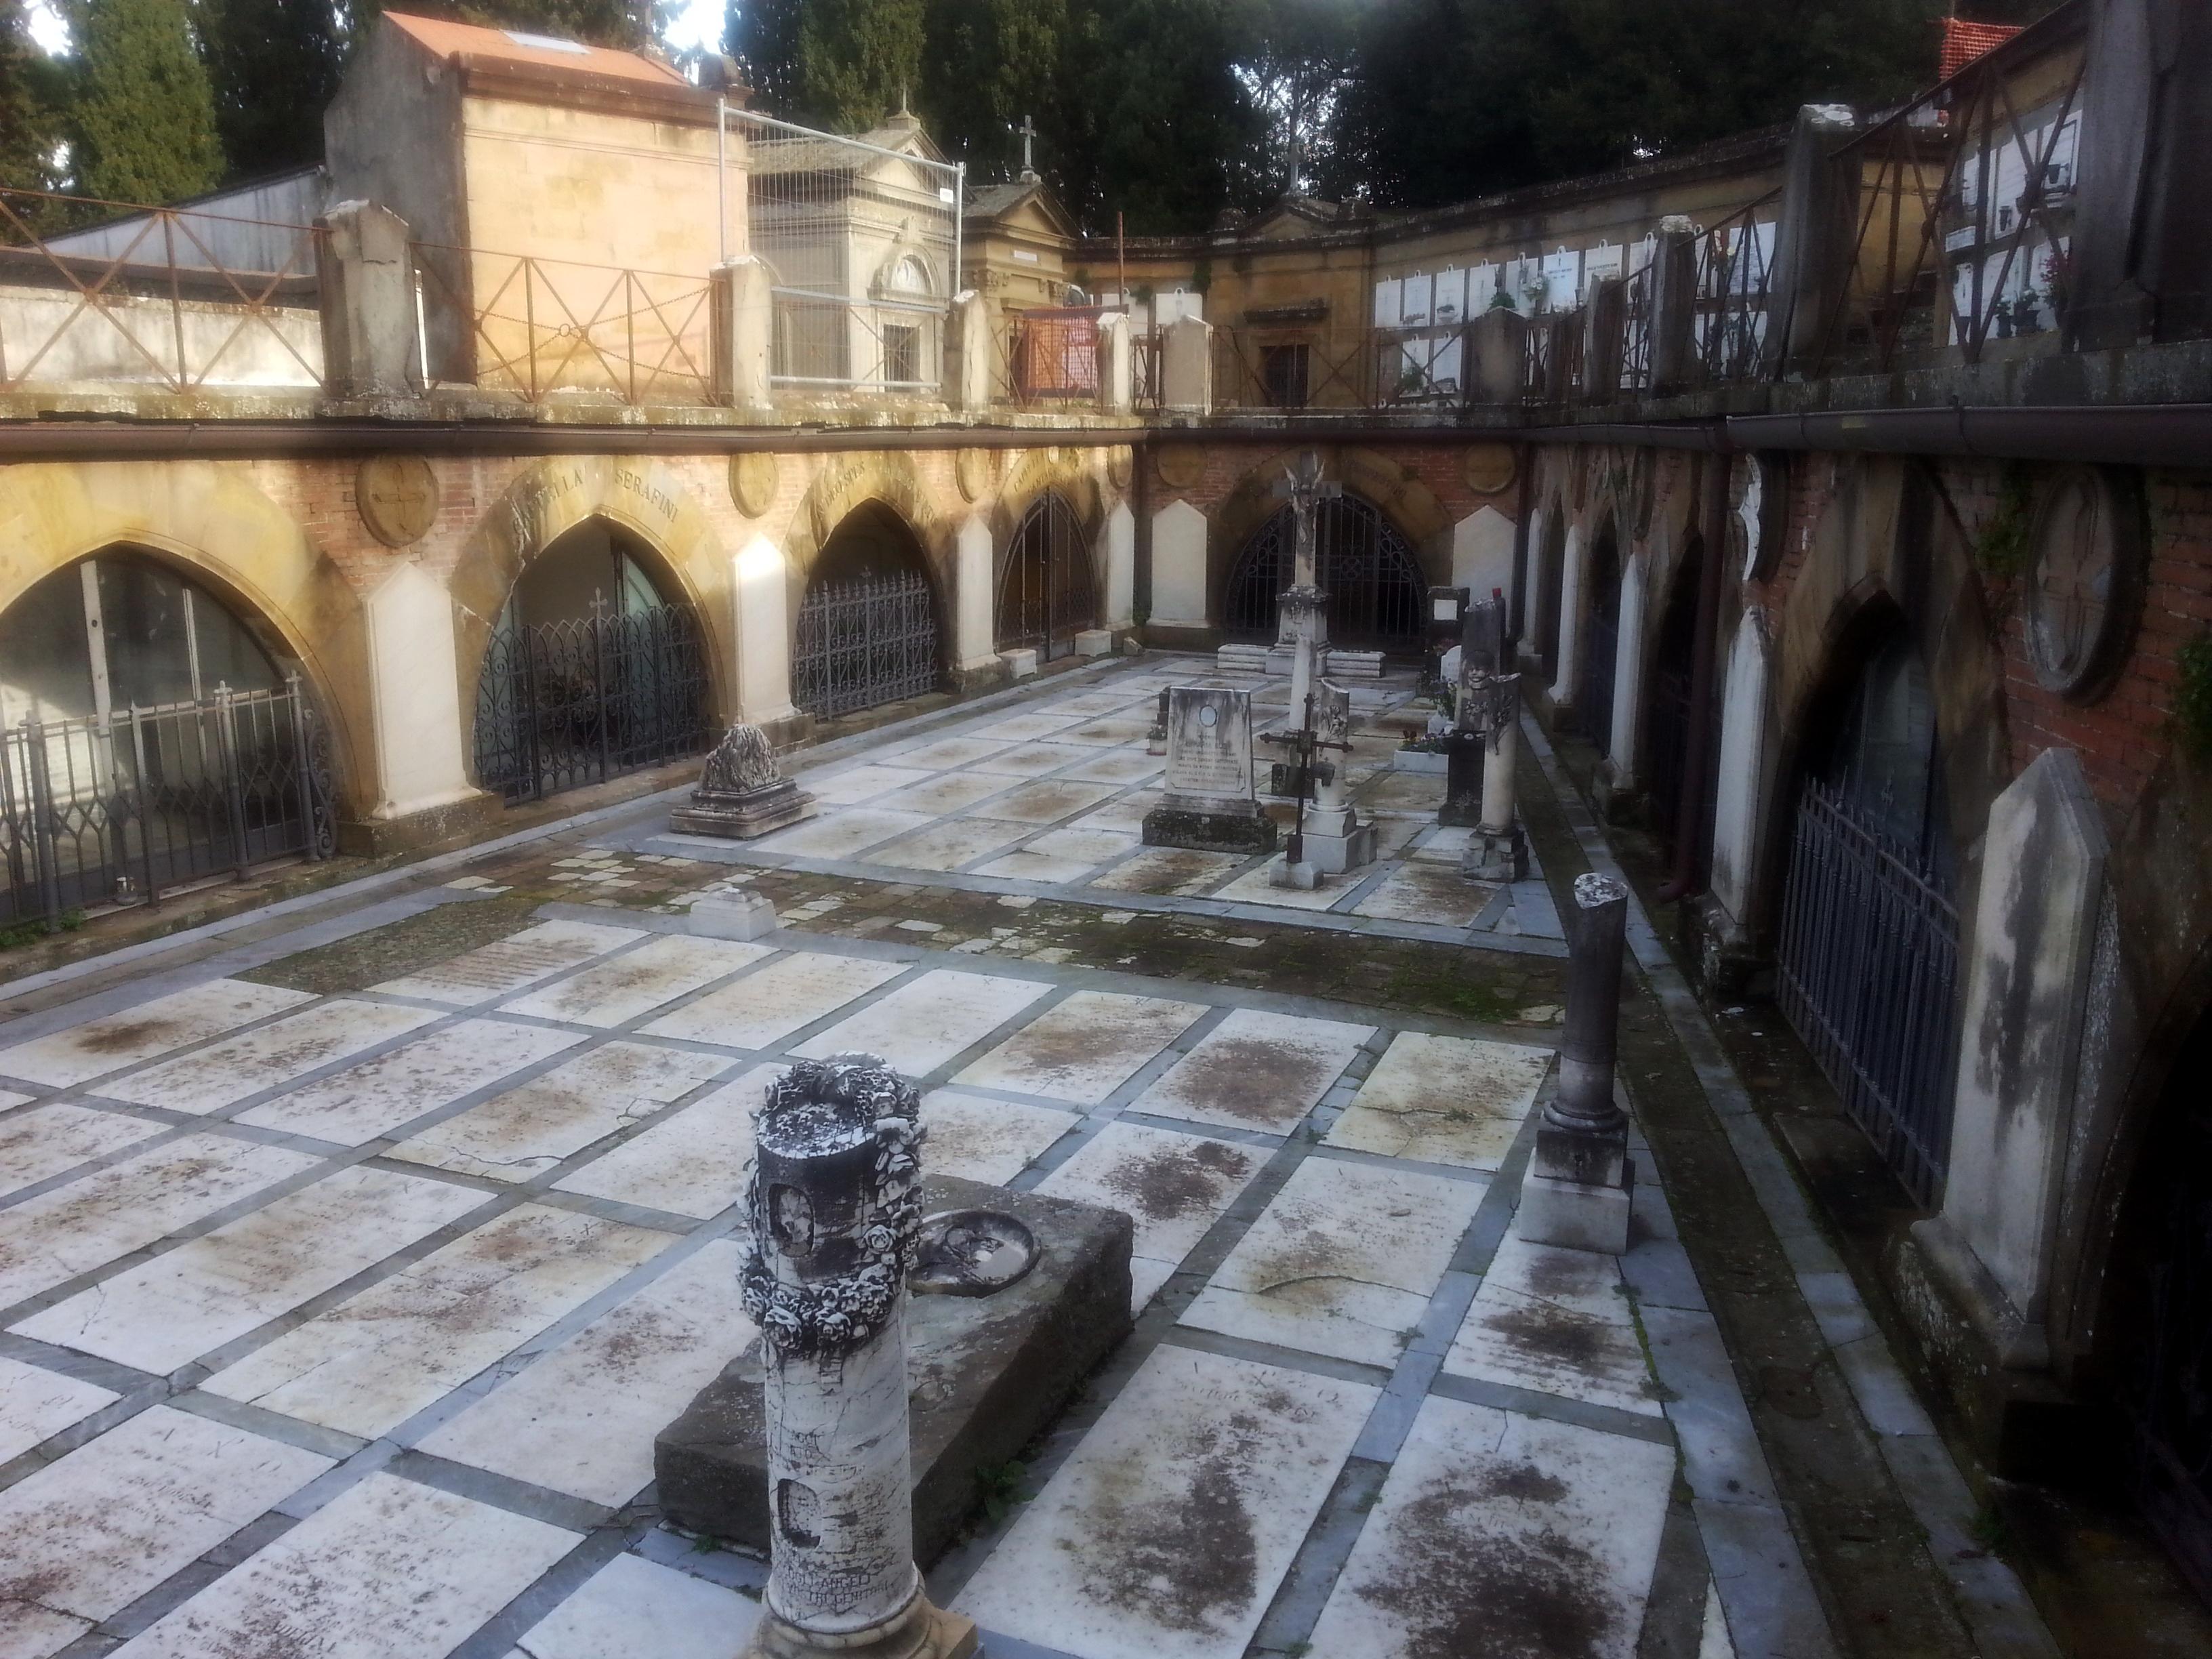 San Miniato al Monte, Cimitero delle Porte Sante, lapidi e tombe di marmo bianco e alcune cappelle di famiglia